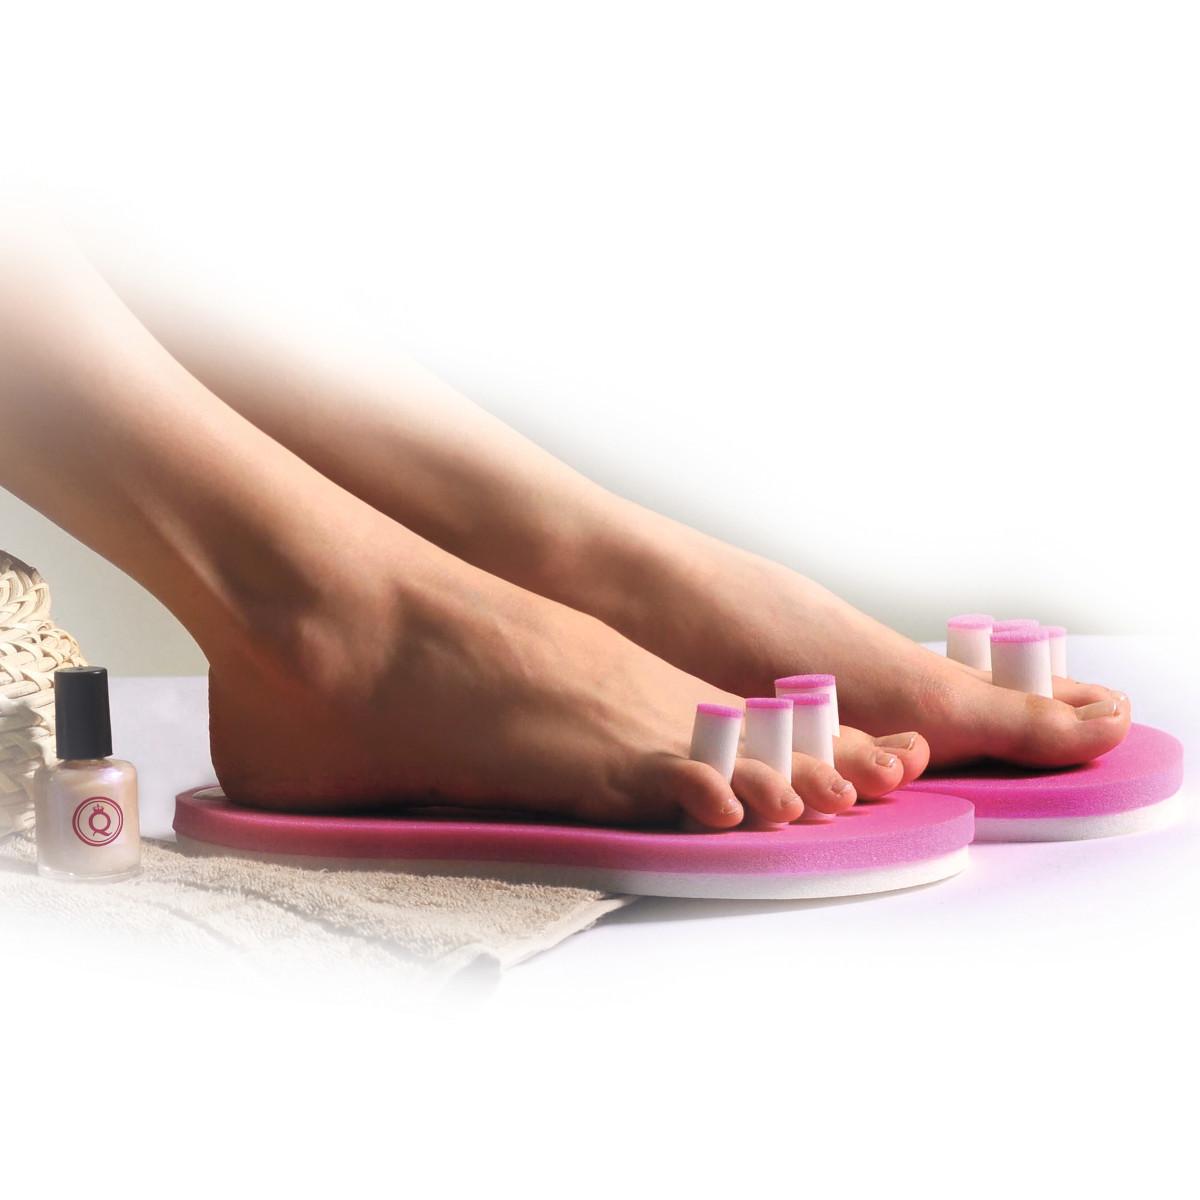 Für die perfekte Pediküre: Zehenspreizer mit Sohle